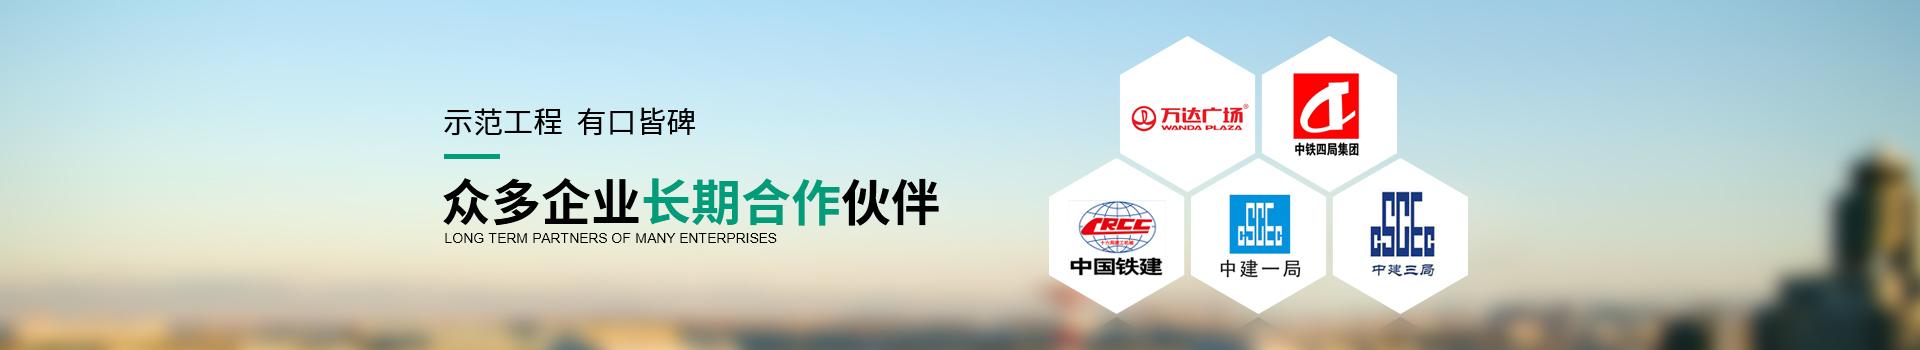 安徽清飞众多企业长期合作伙伴